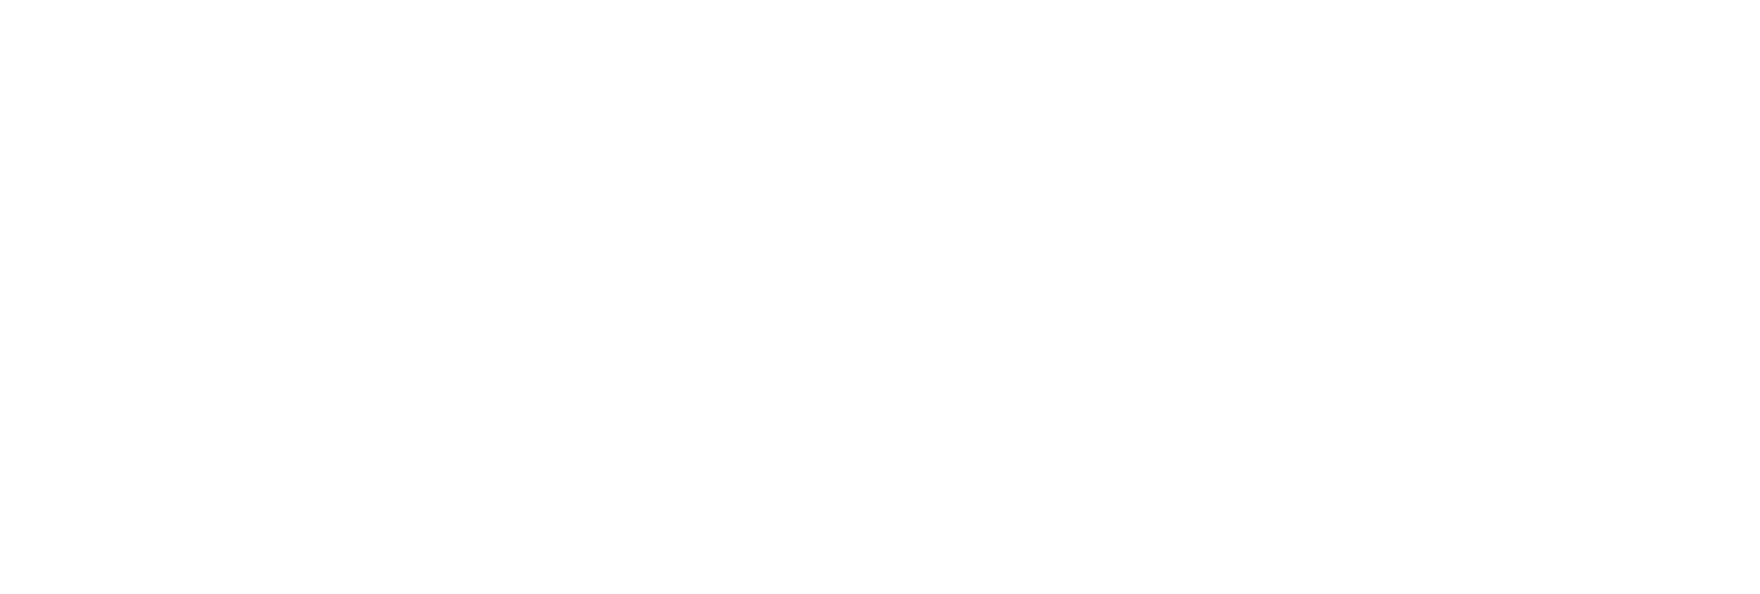 ISA-2017-LOGO-HORIZONTAL-White.png